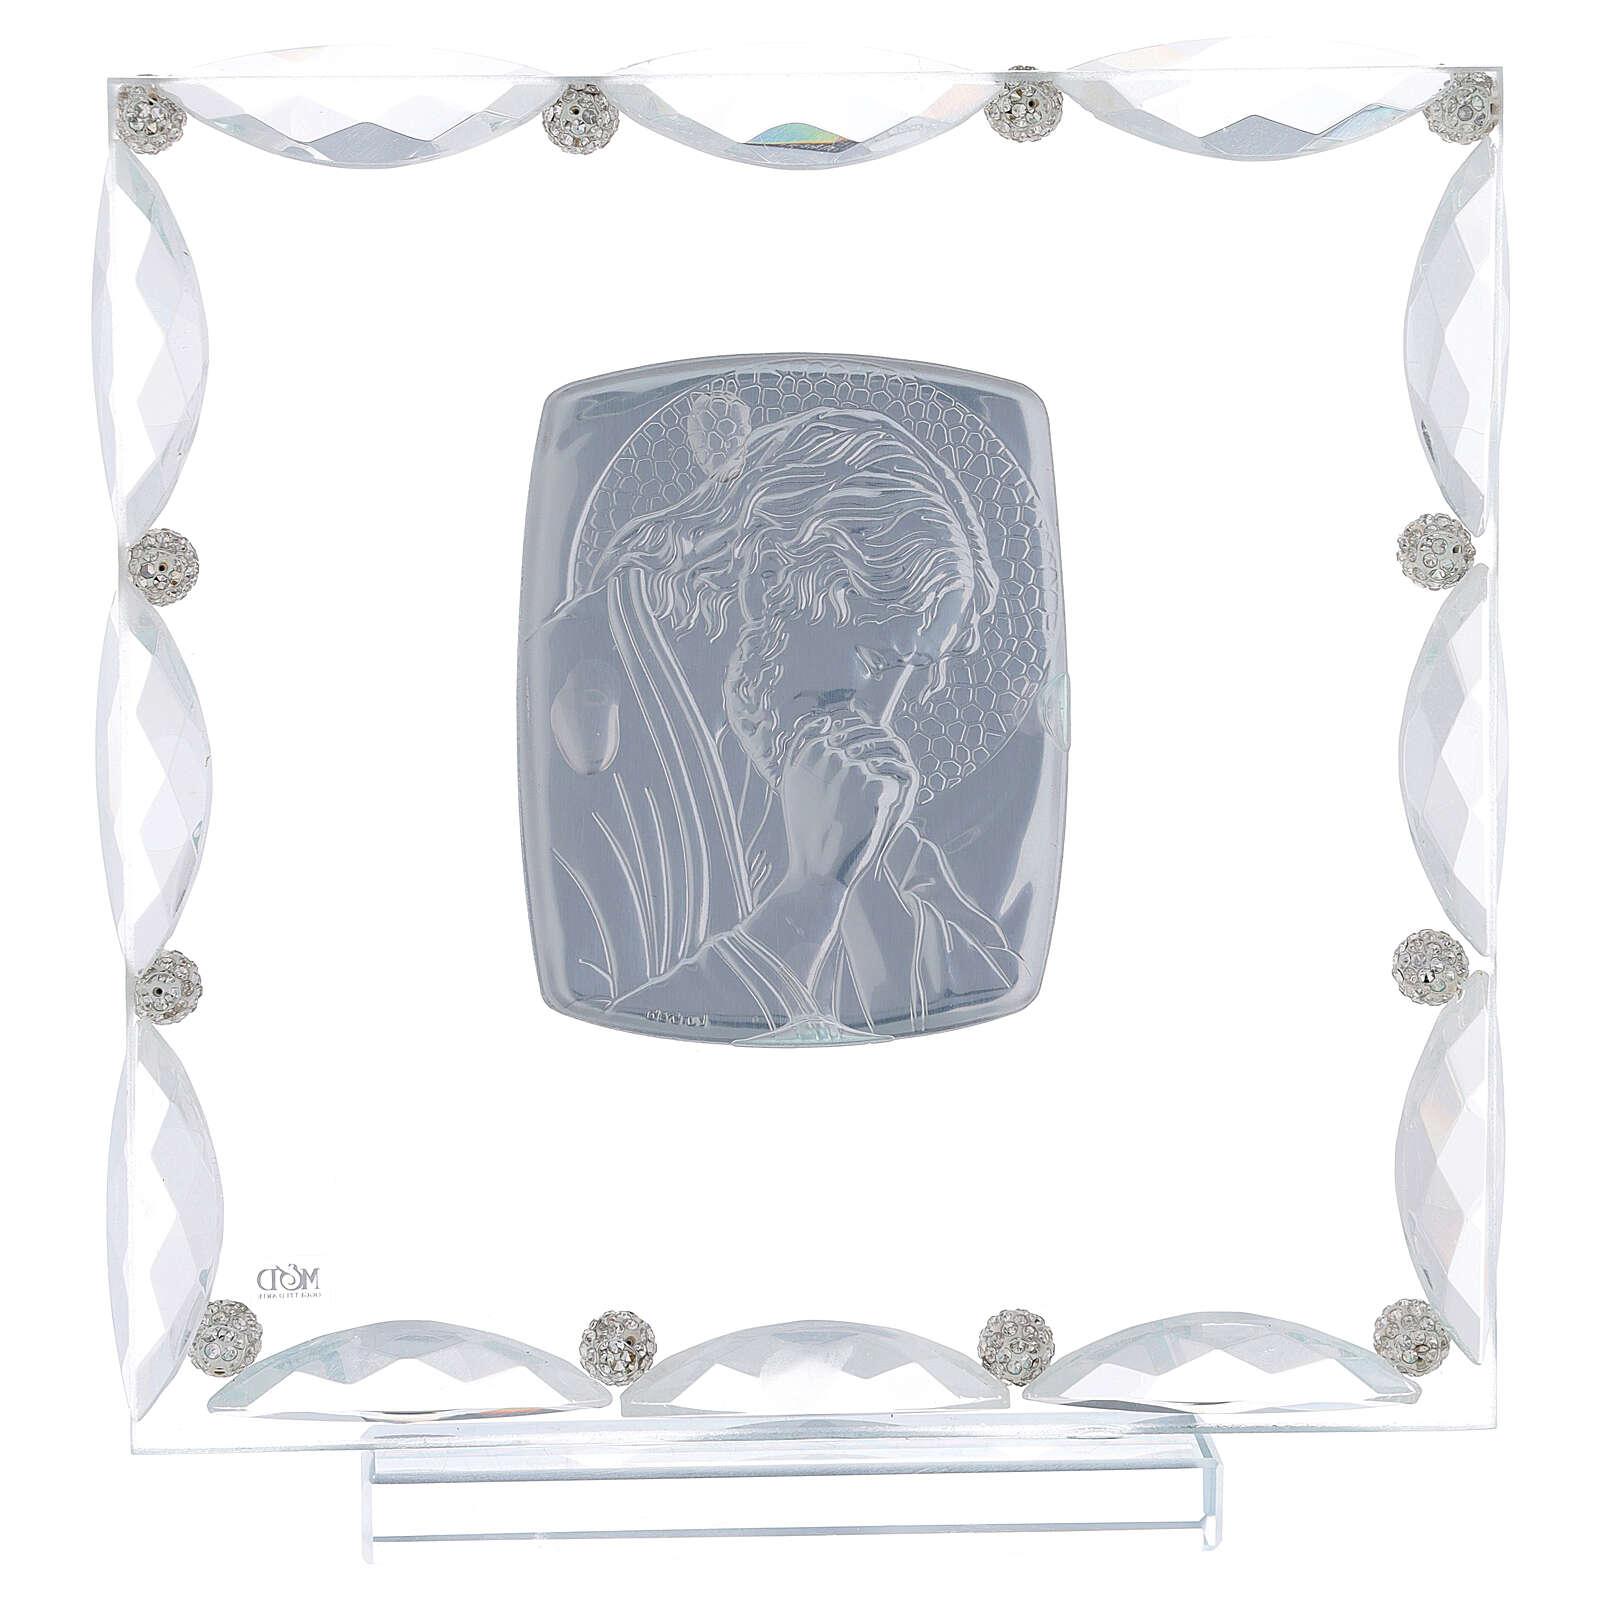 Cadre avec cristaux transparents et feuille argent Christ 20x15 cm 3